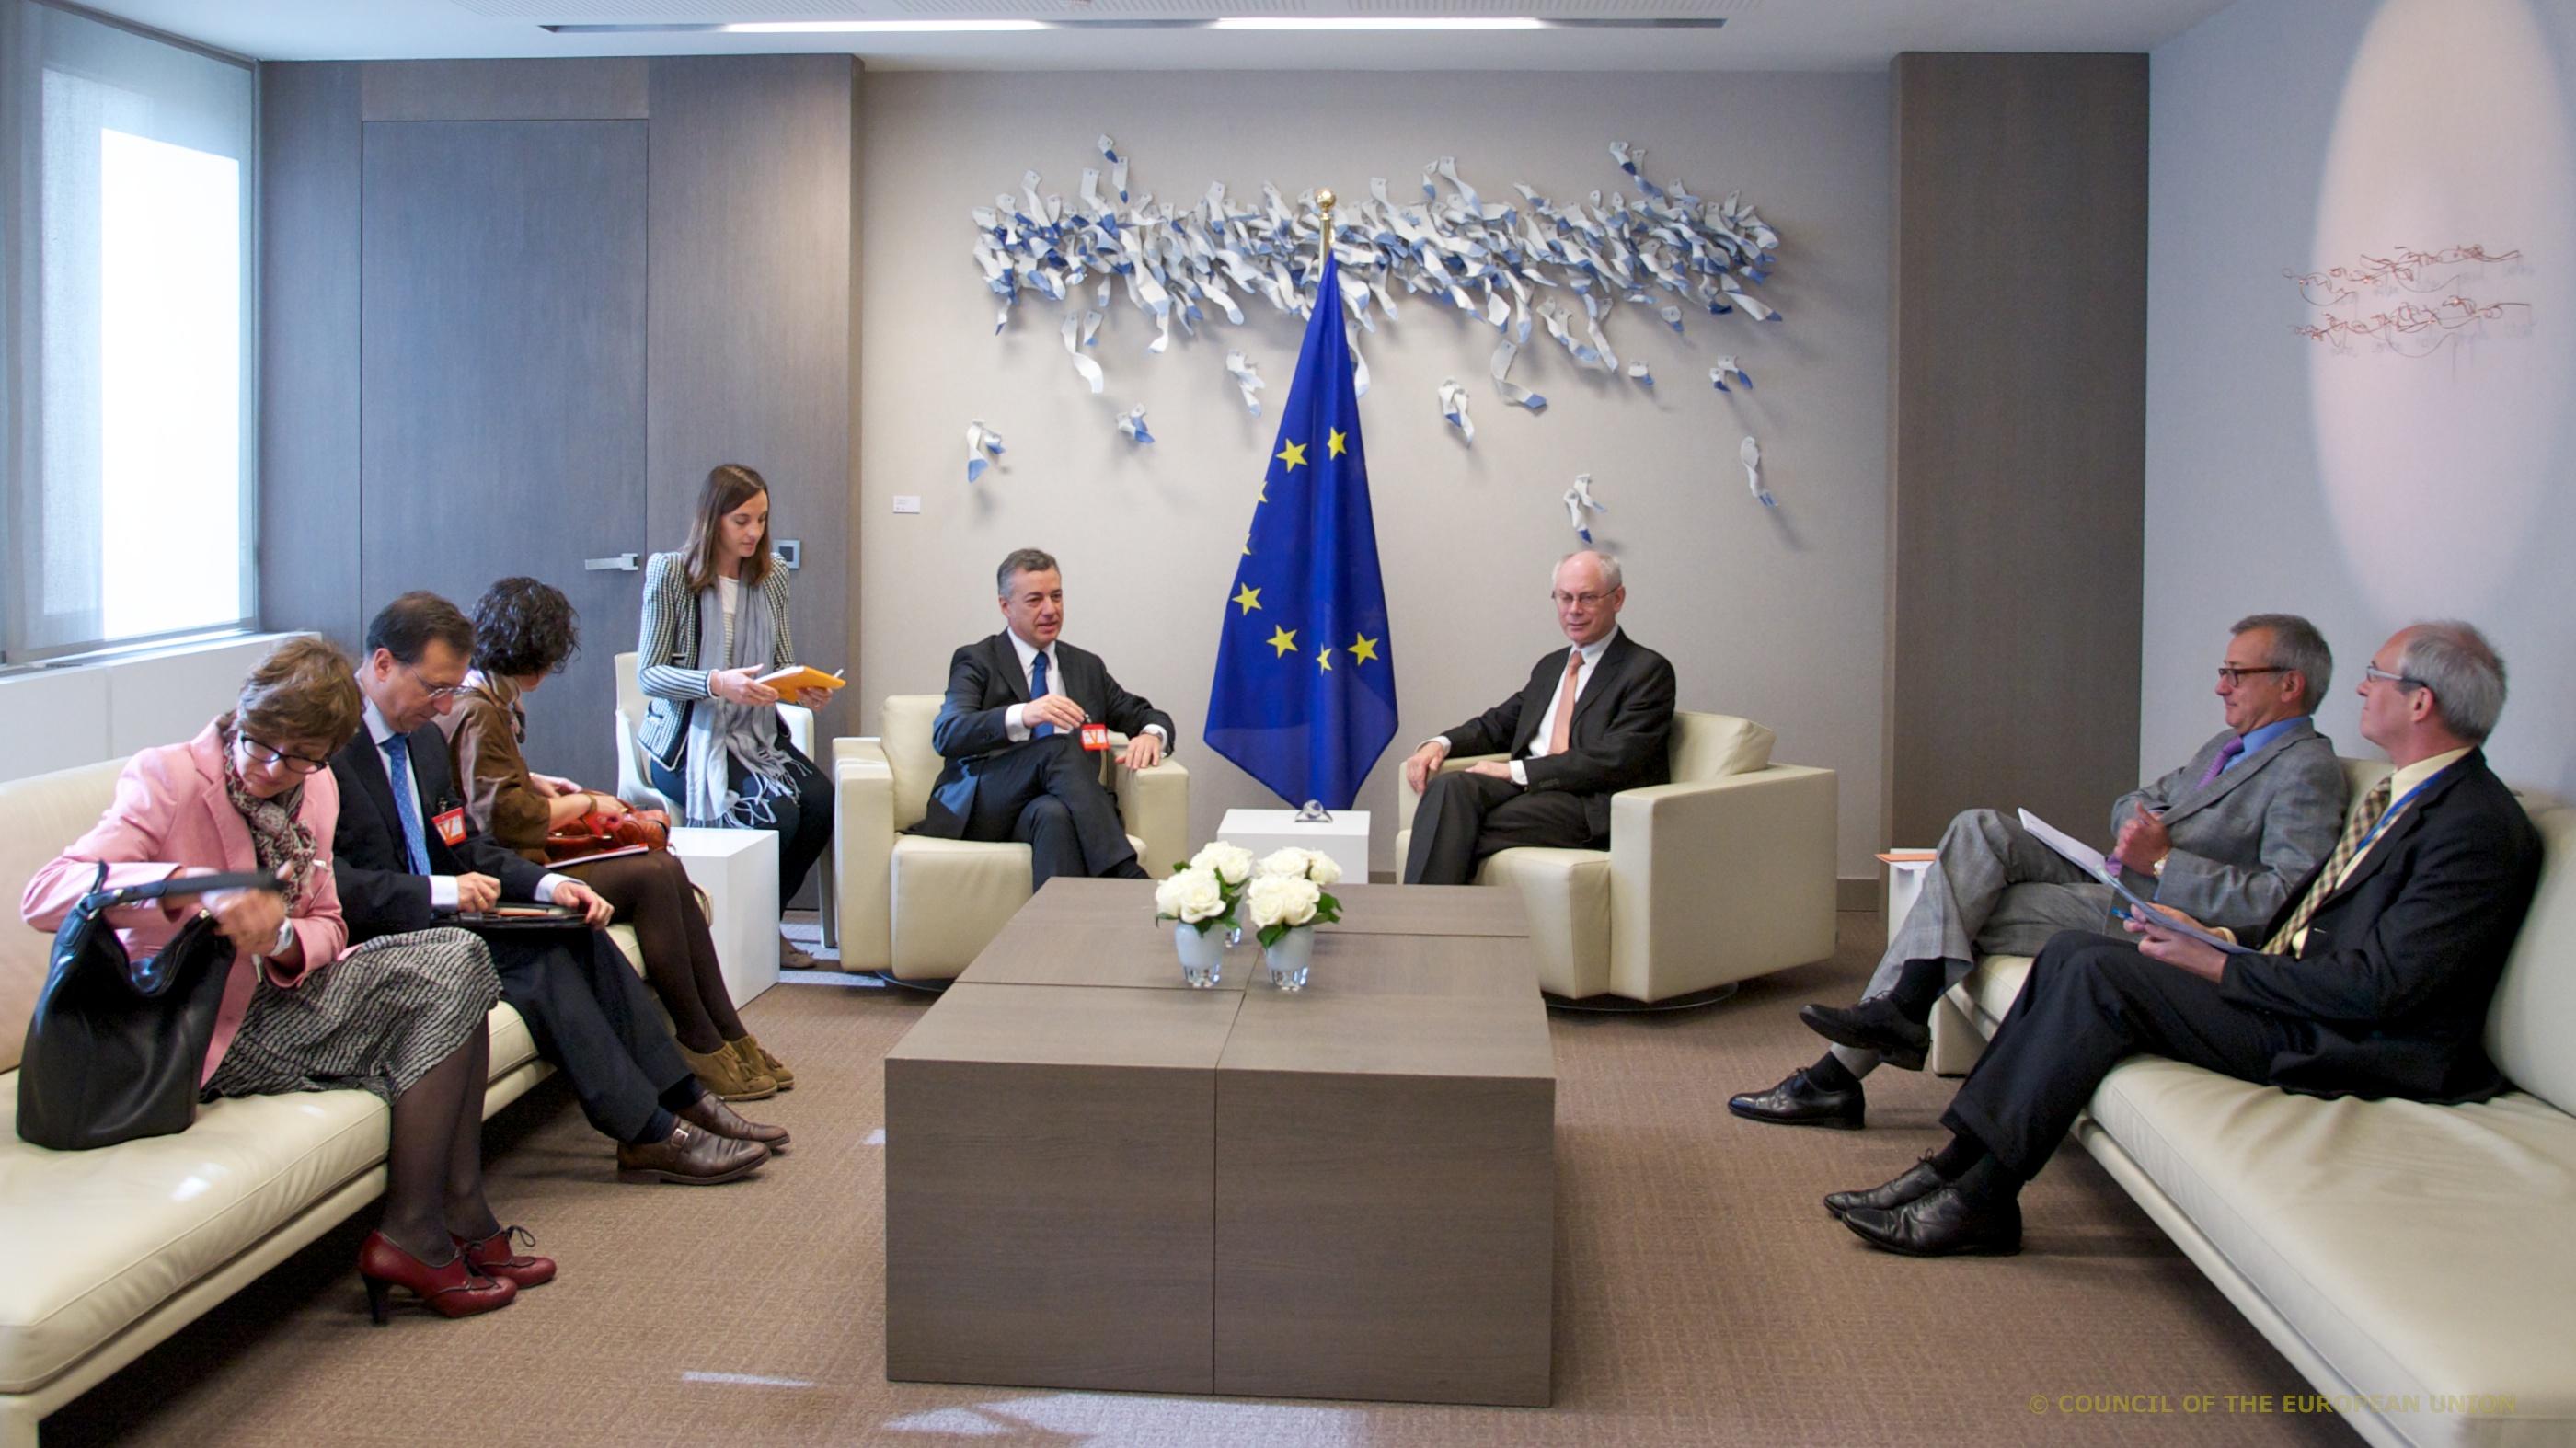 Europar Batasuneko Kontseiluko presidentearekin bilduta itxi du Lehendakarik Europako Erakundeetako arduradunekiko bileren agenda [18:29]